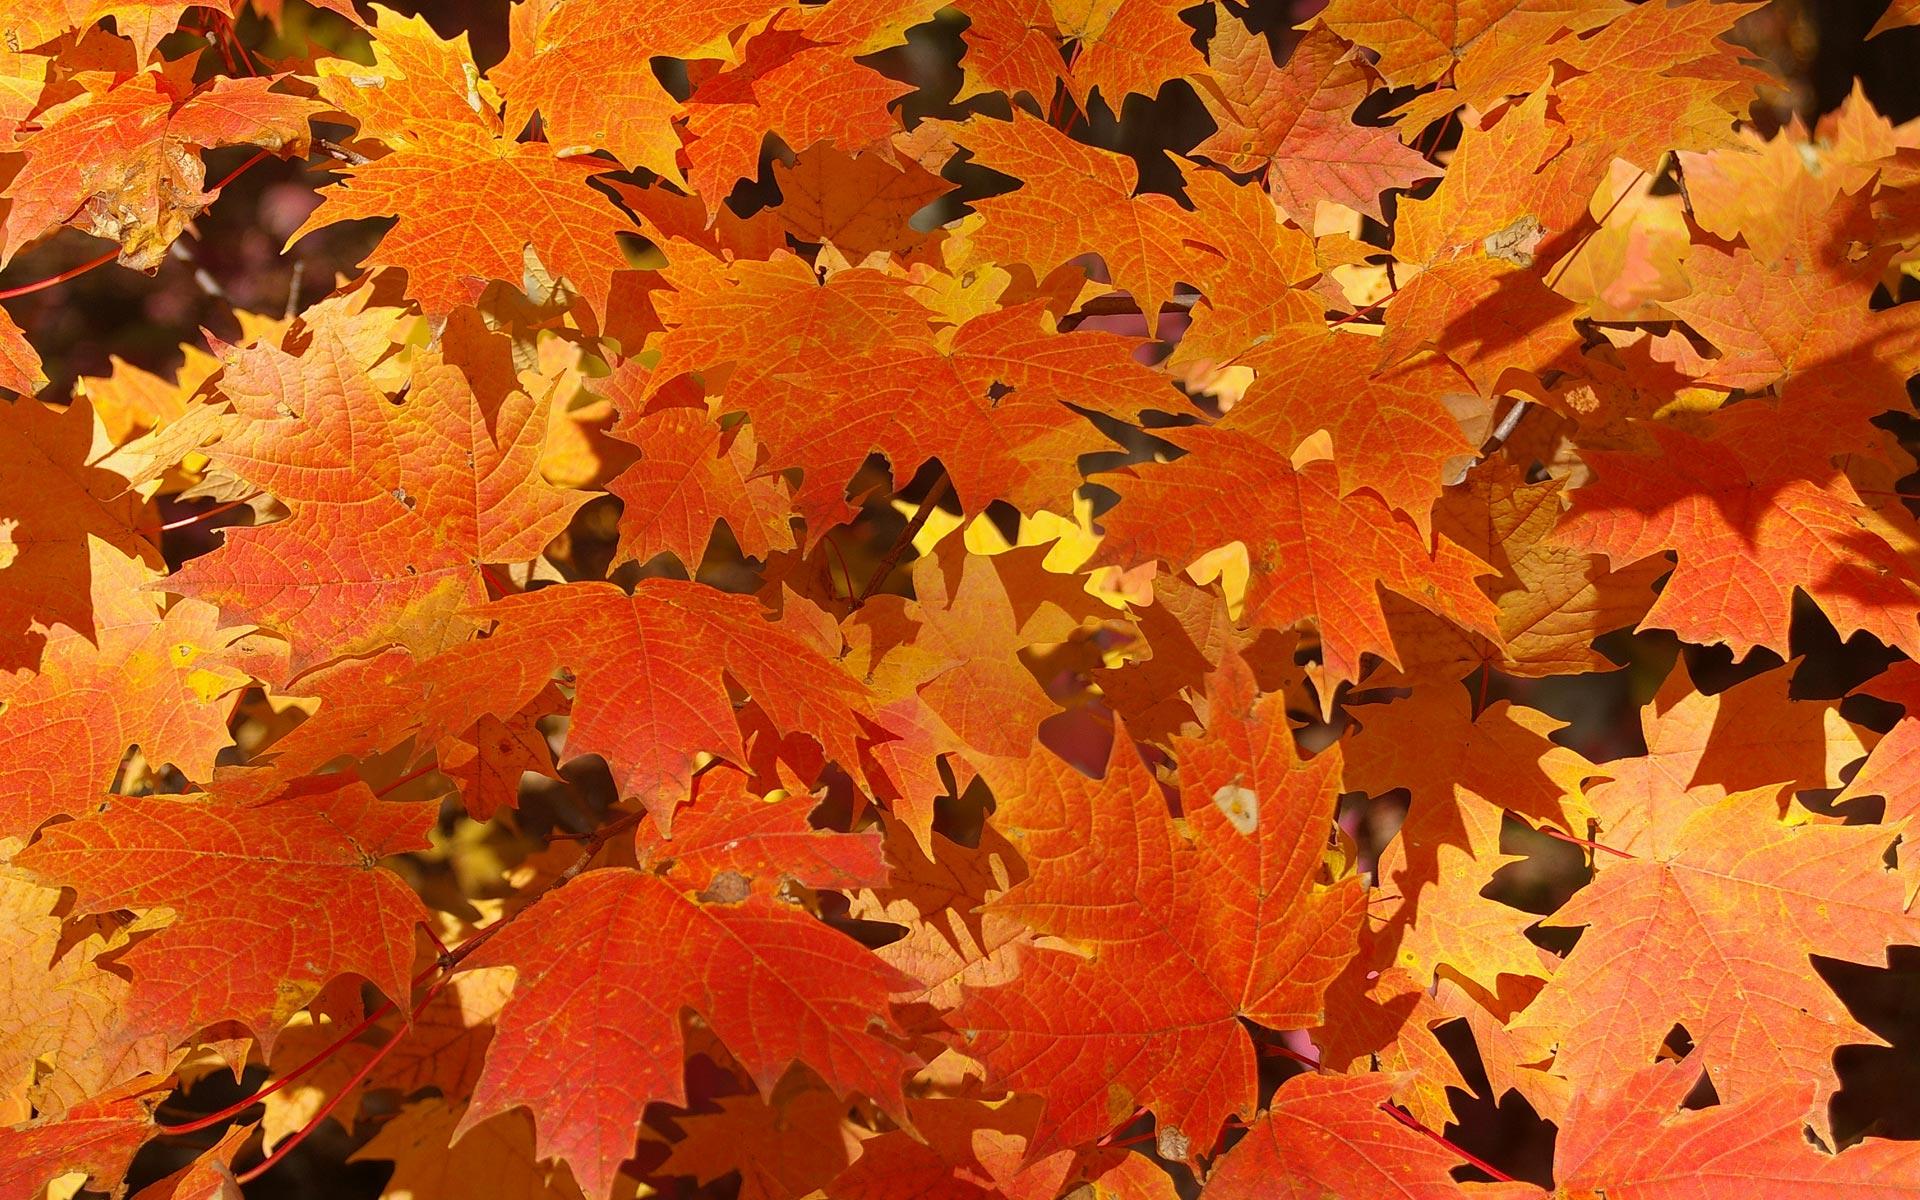 оранжевые, рыжие осенние листья, скачать фото, осень